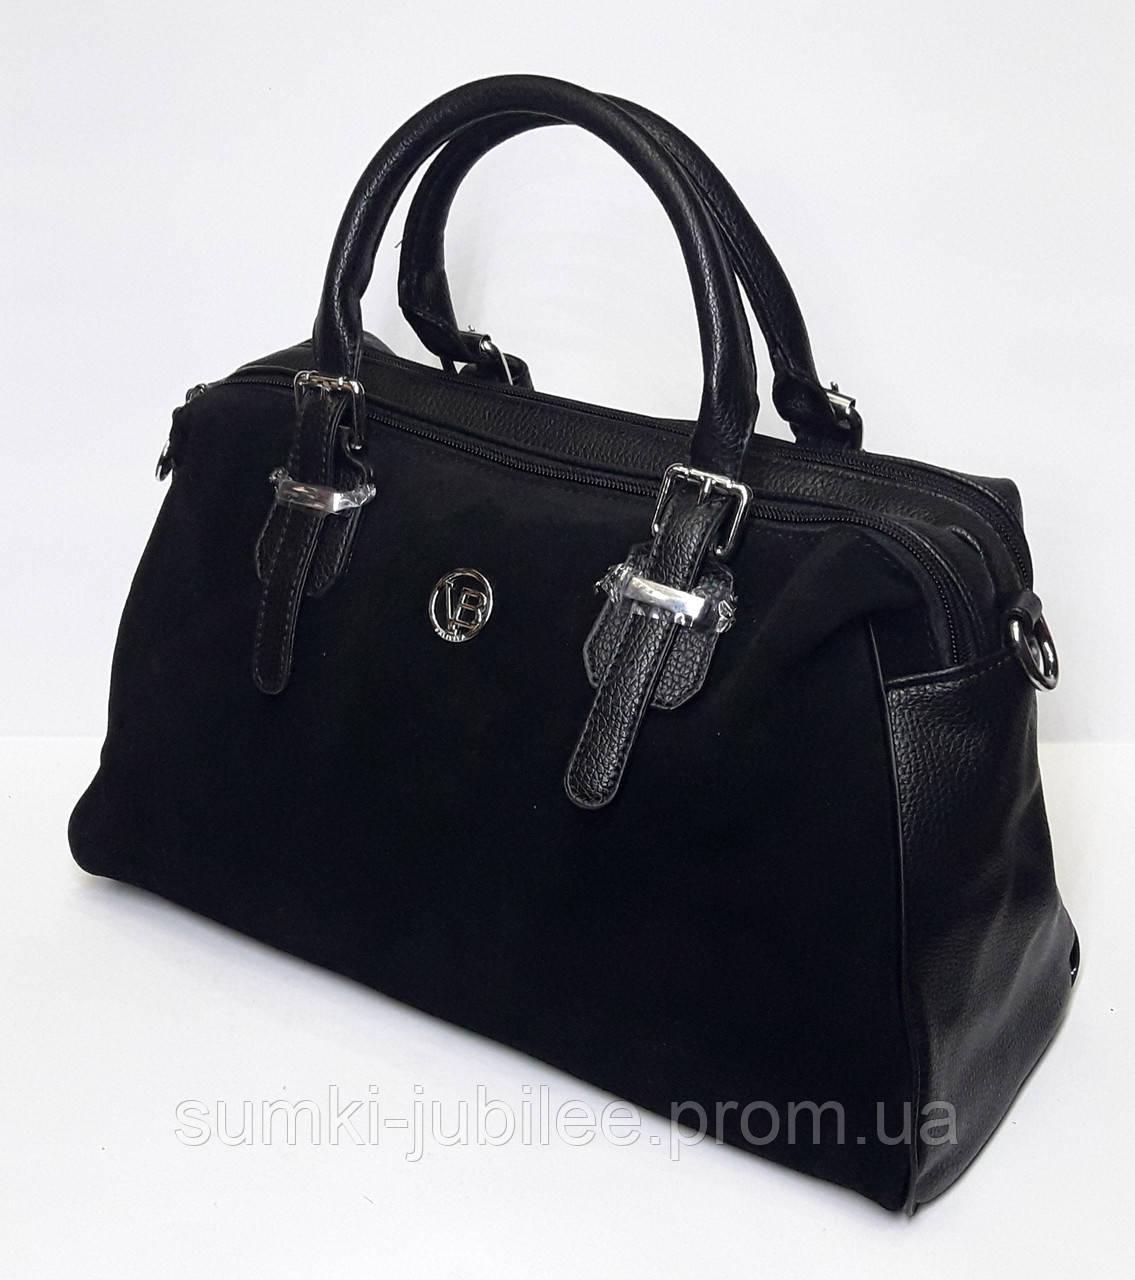 e6f73f223ec0 Женская замшевая сумка-саквояж Baliviya, черный: продажа, цена в ...